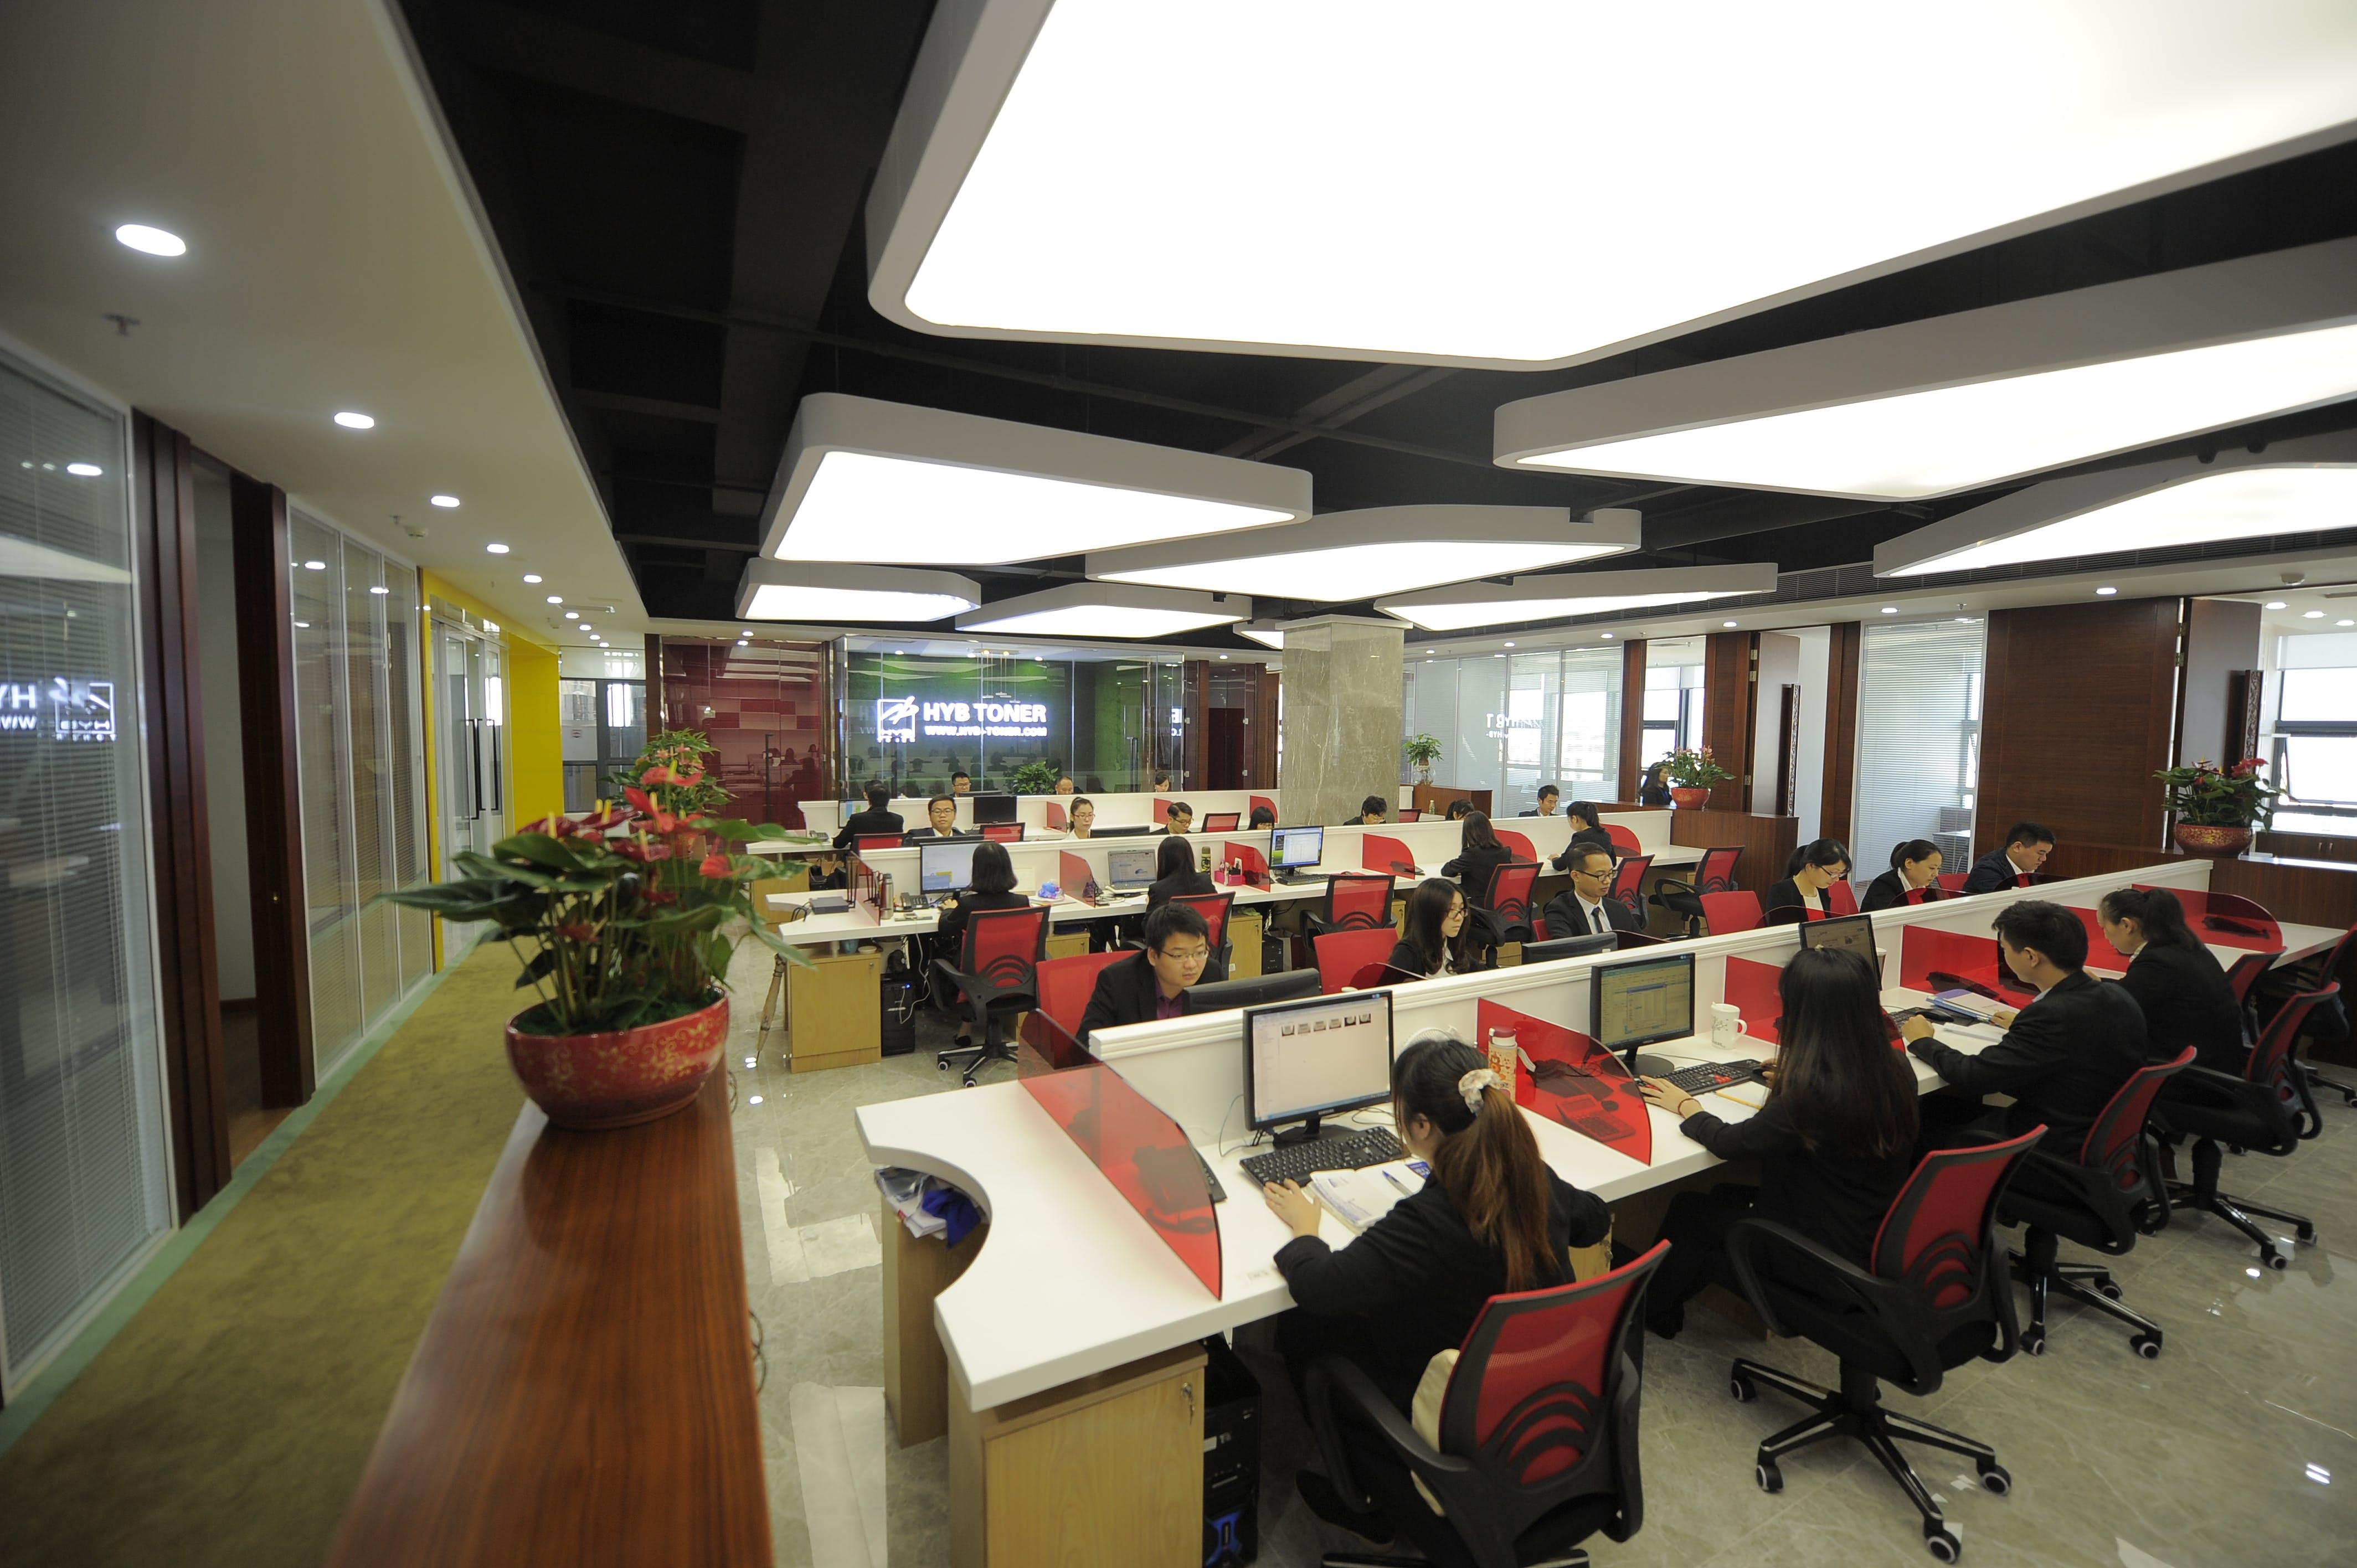 officespace, public place